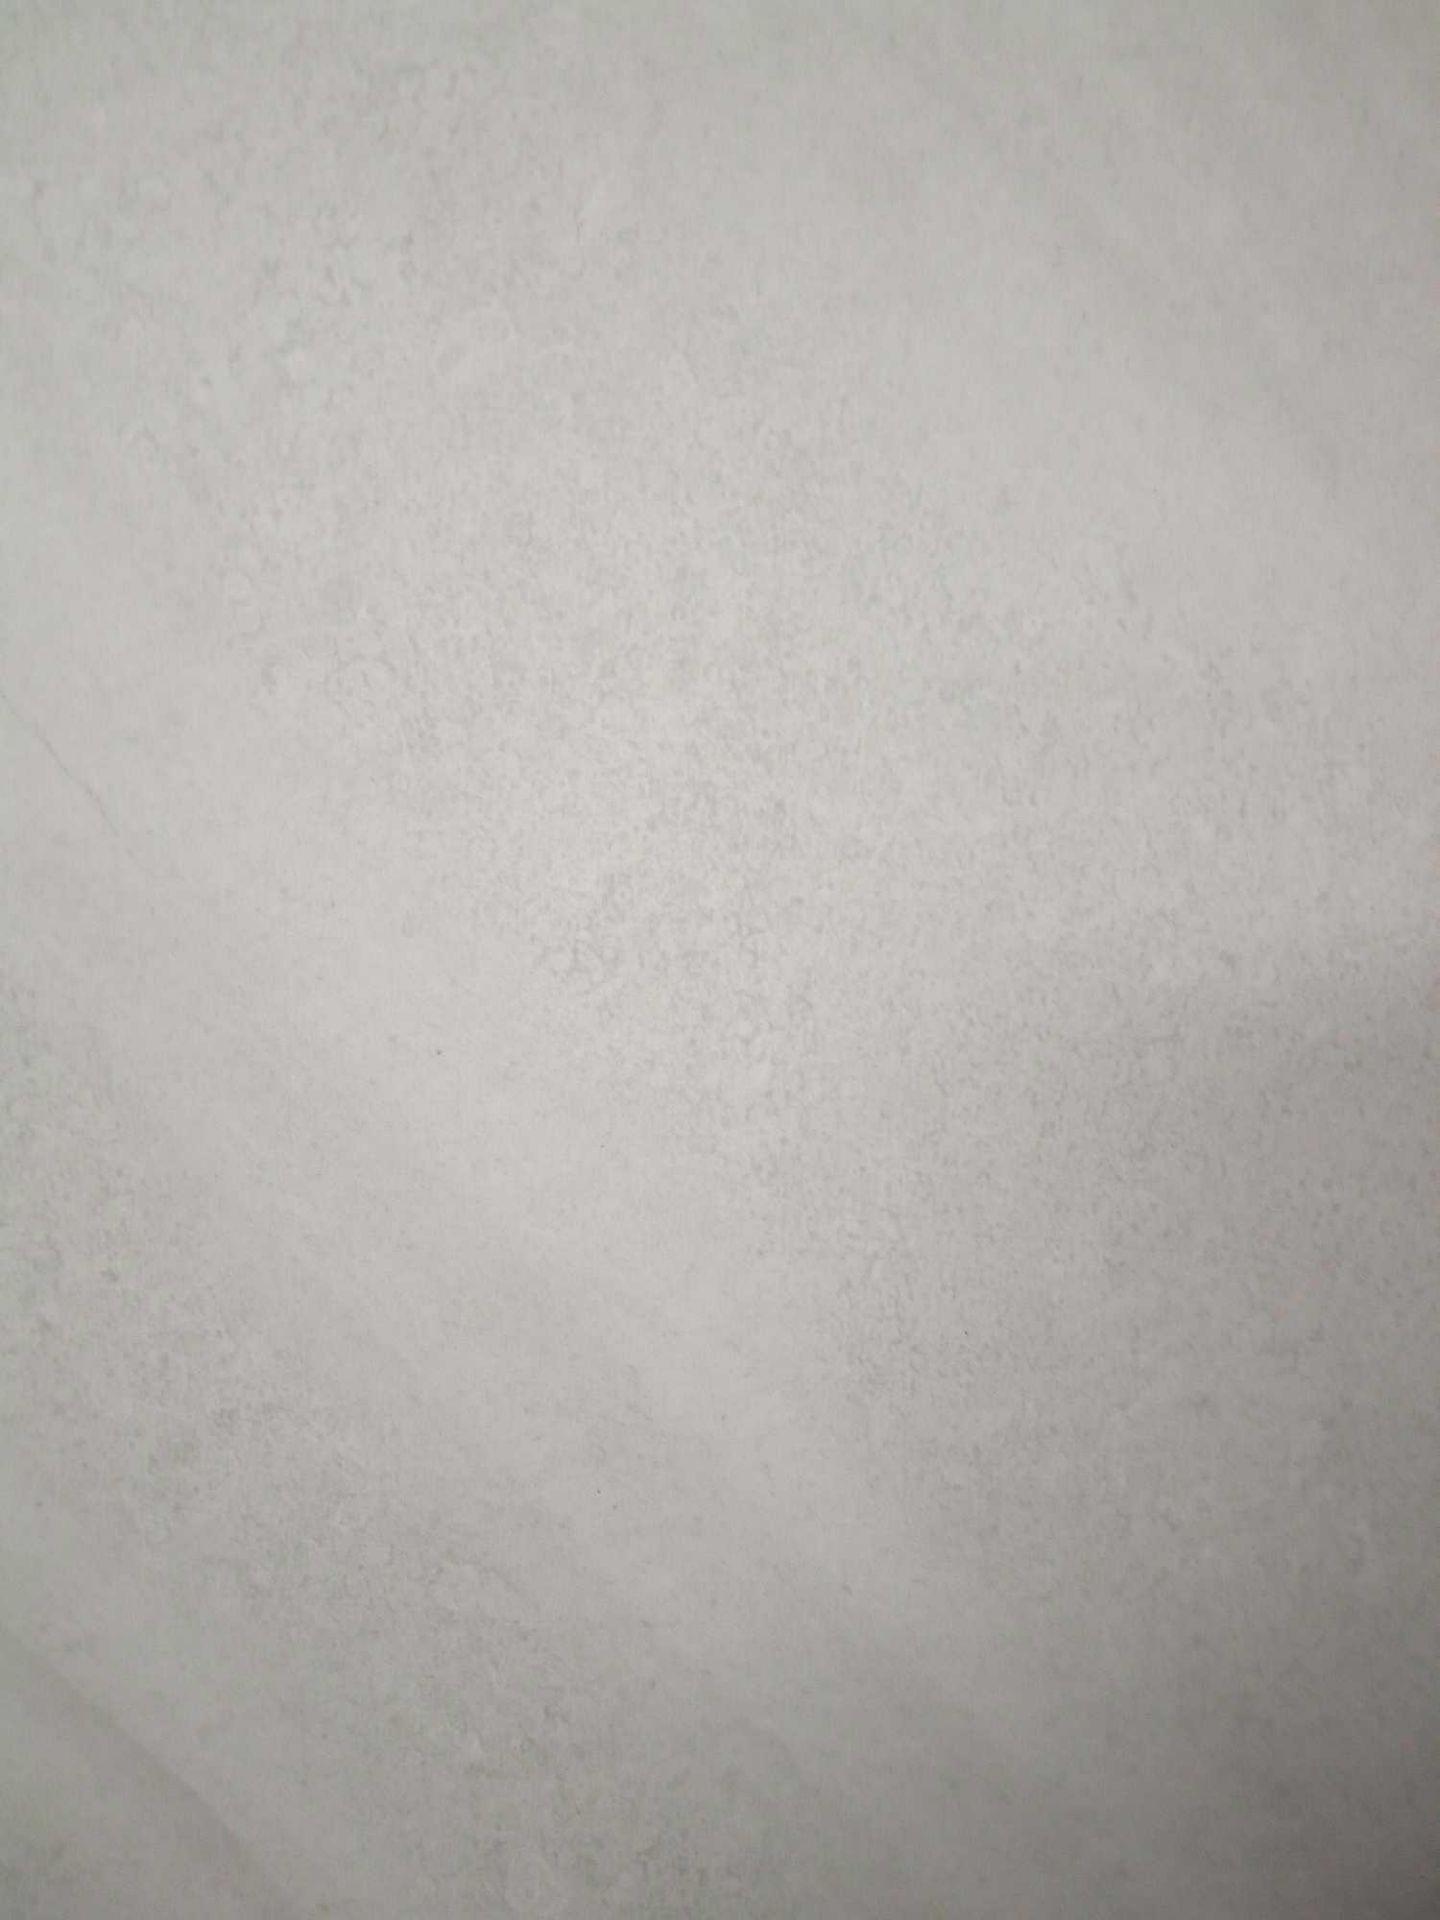 Combined RRP £960 Pallet To Contain 48 Cartons Of Grasmere Bracken Matt 360X275Mm Wall/Floor Tiles